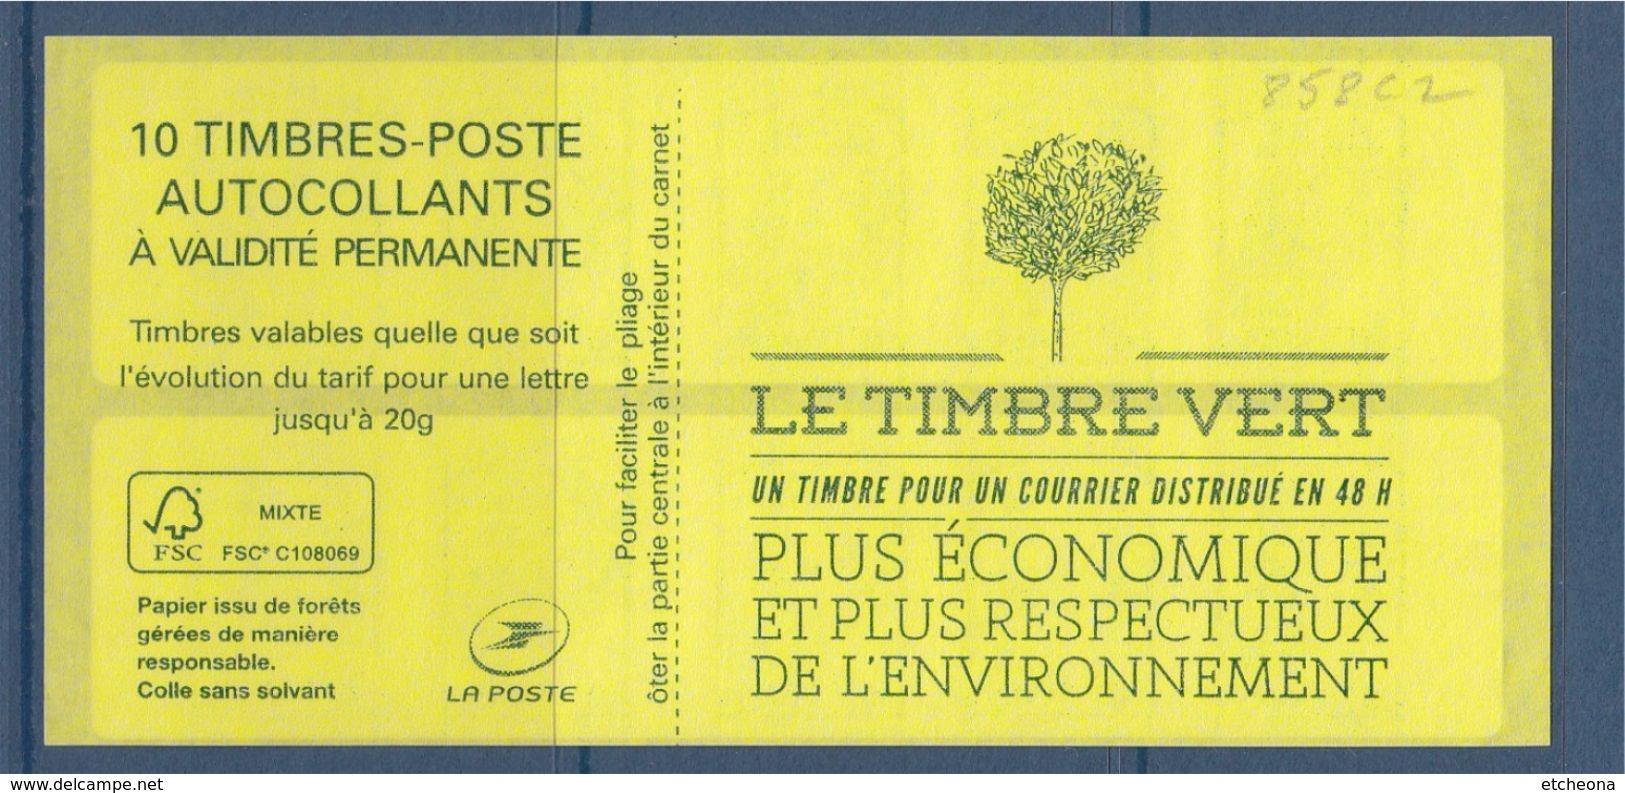 CARNET Marianne Et La Jeunesse, TVP LV -20g N°858-C2  Le Timbre Vert Numéroté 526918 à Gauche Bas Ciappa Kawena - Usage Courant